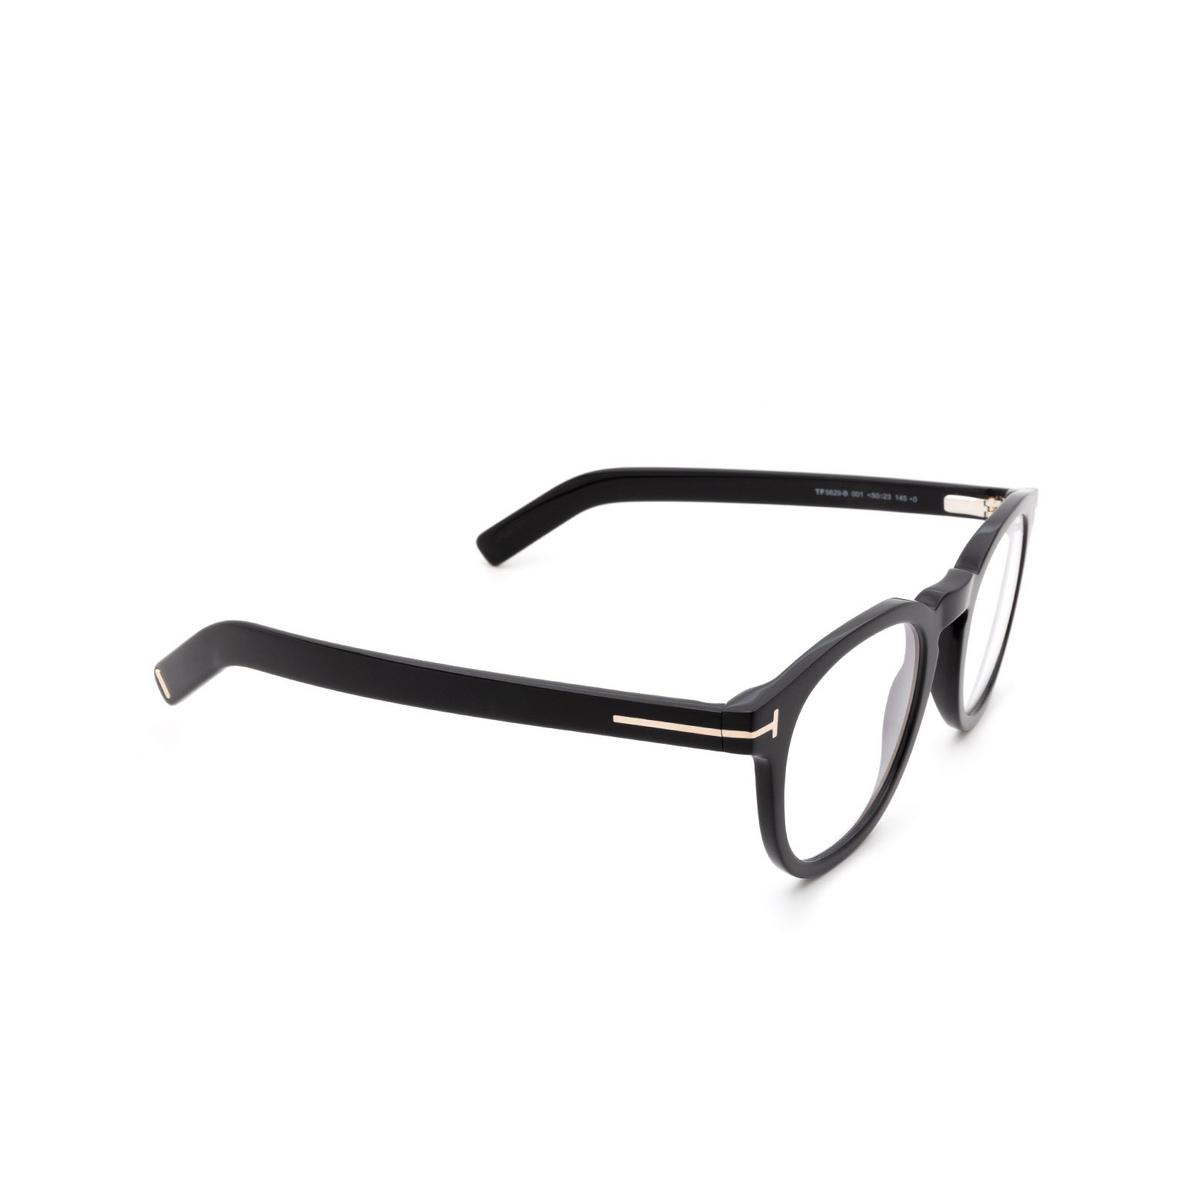 Tom Ford® Square Eyeglasses: FT5629-B color Shiny Black 001 - three-quarters view.